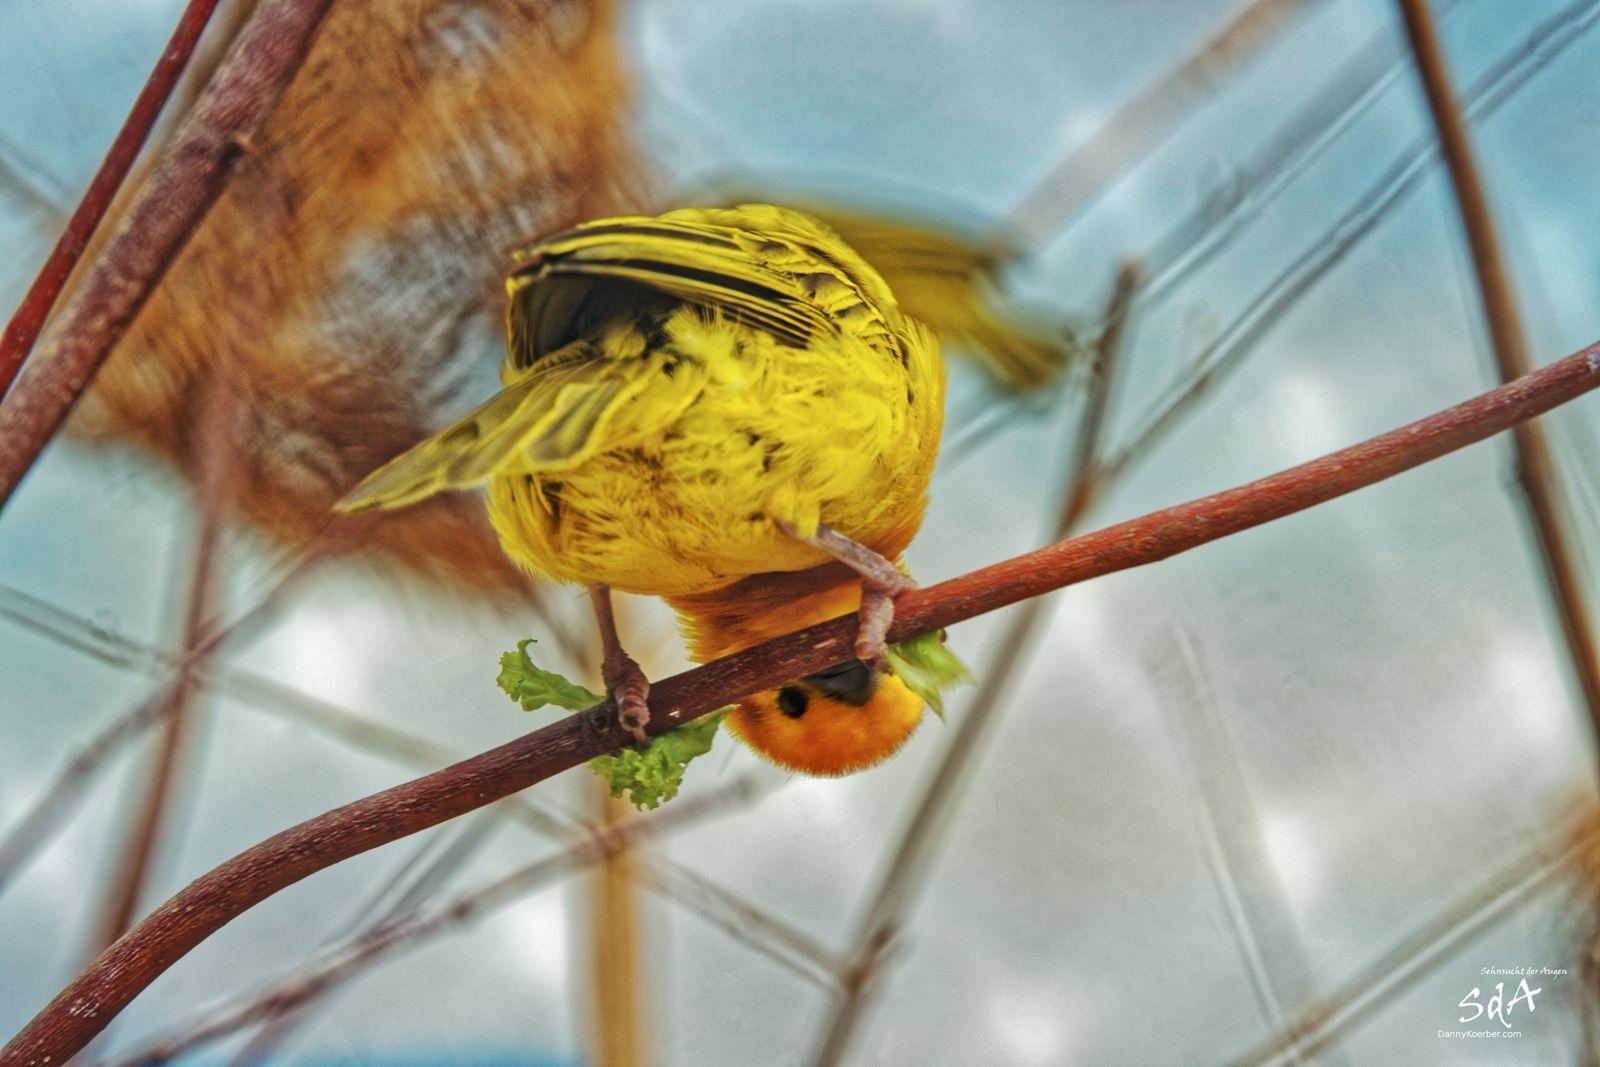 Egal ob man Kopfüber ist, man sollte und kann trotzdem alles im Blick haben. Unser Freund der Kanarienvogel macht es uns vor, ohne Probleme.